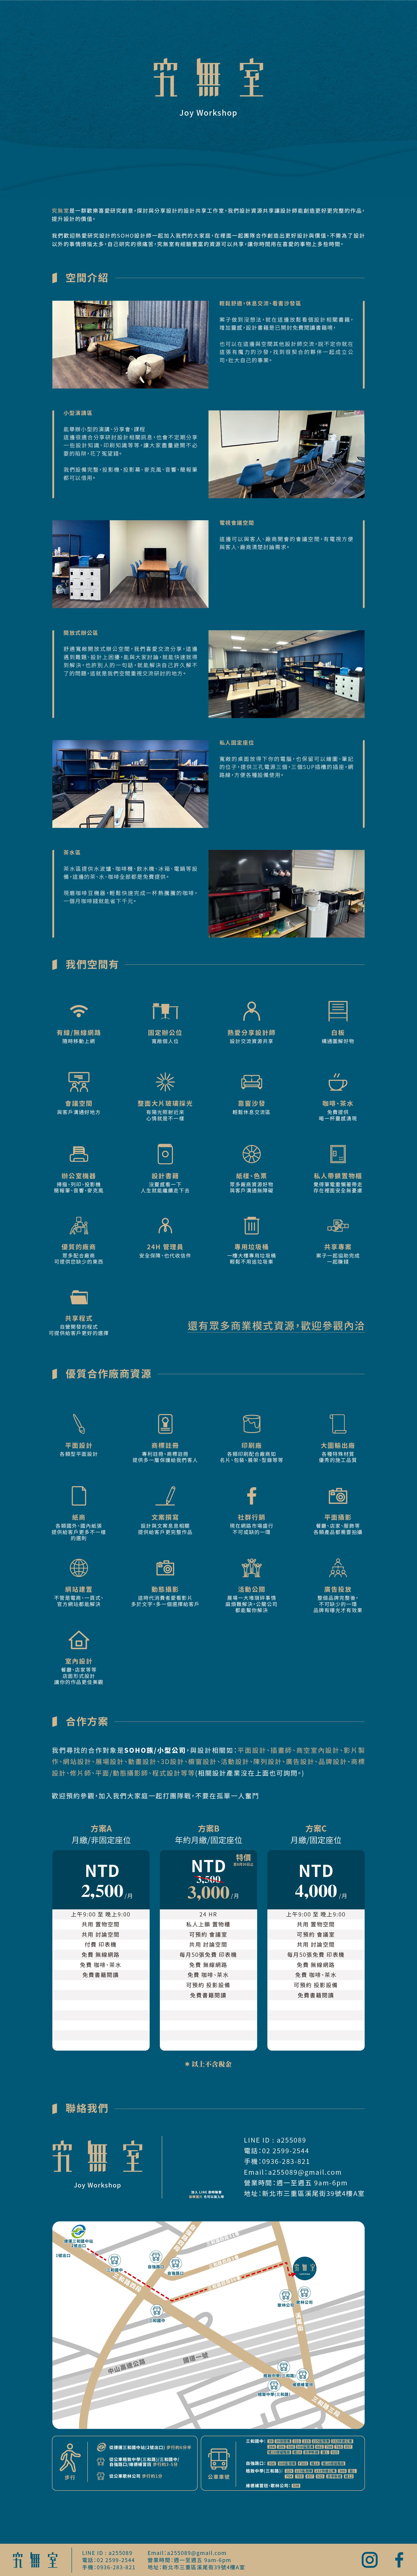 究無室-網站設計-2_工作區域 1.jpg